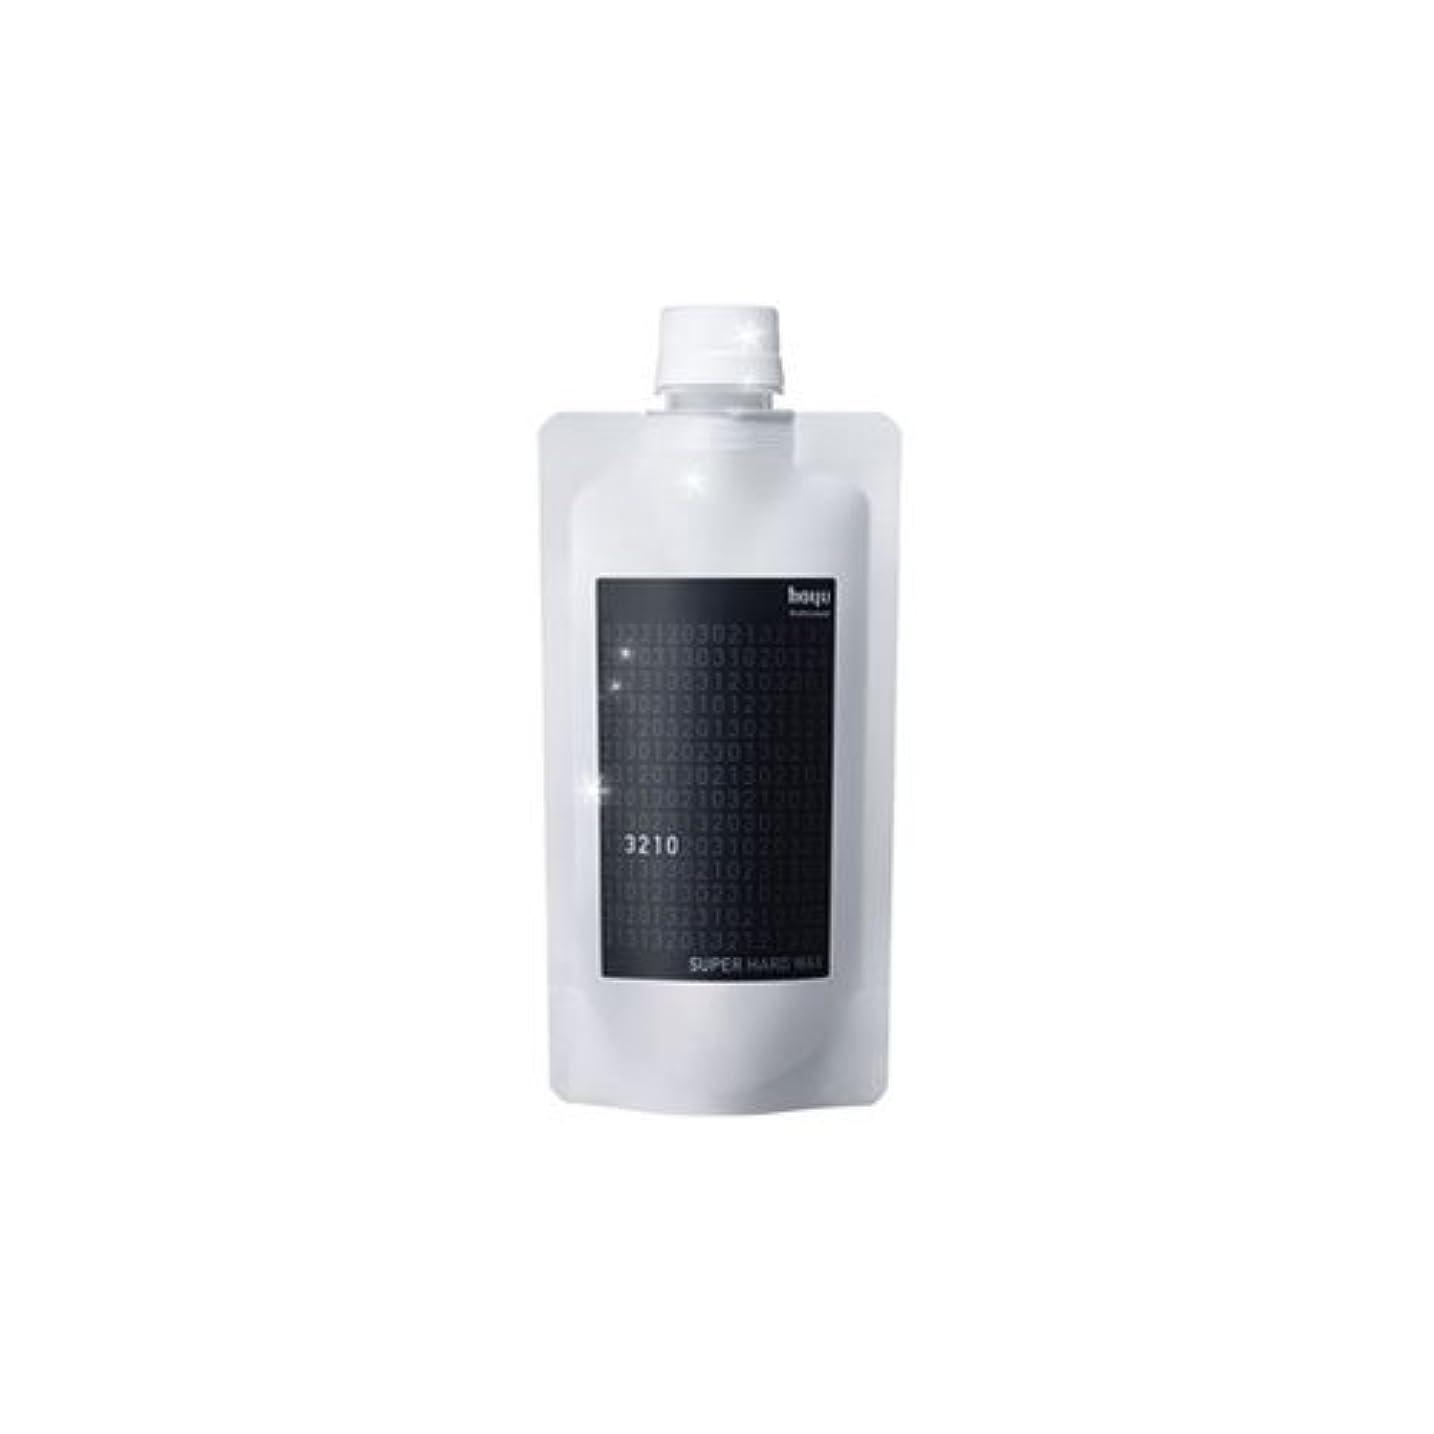 アドバンテージ累計水銀のホーユー 3211 (ミニーレ) スーパーハードワックス 200g (詰替)